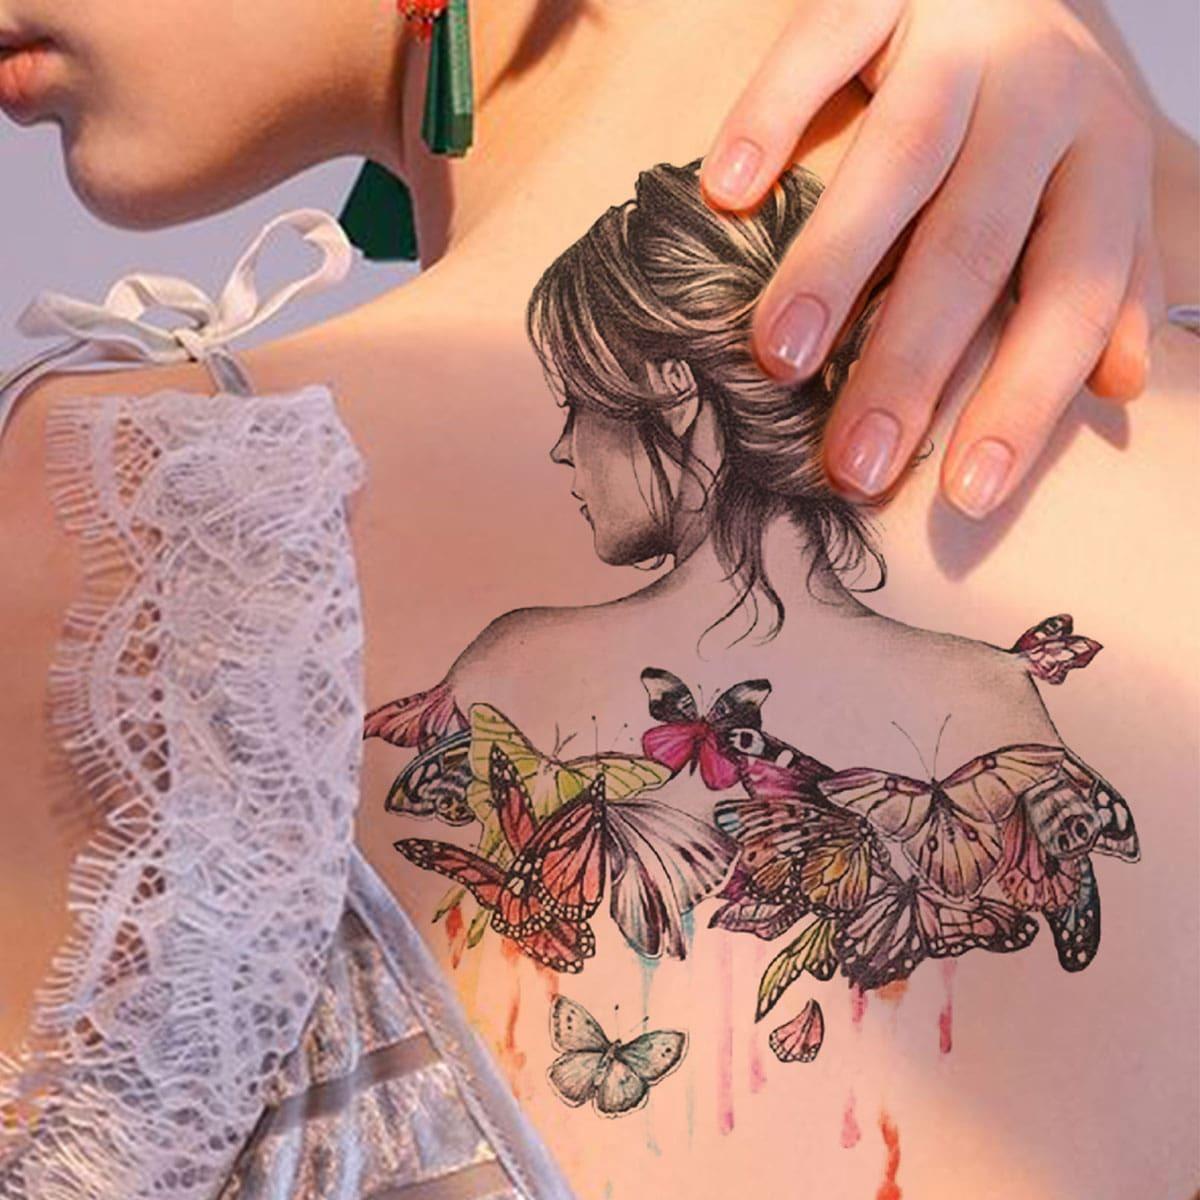 Autocollant de tatouage avec imprimé figure 1 feuille